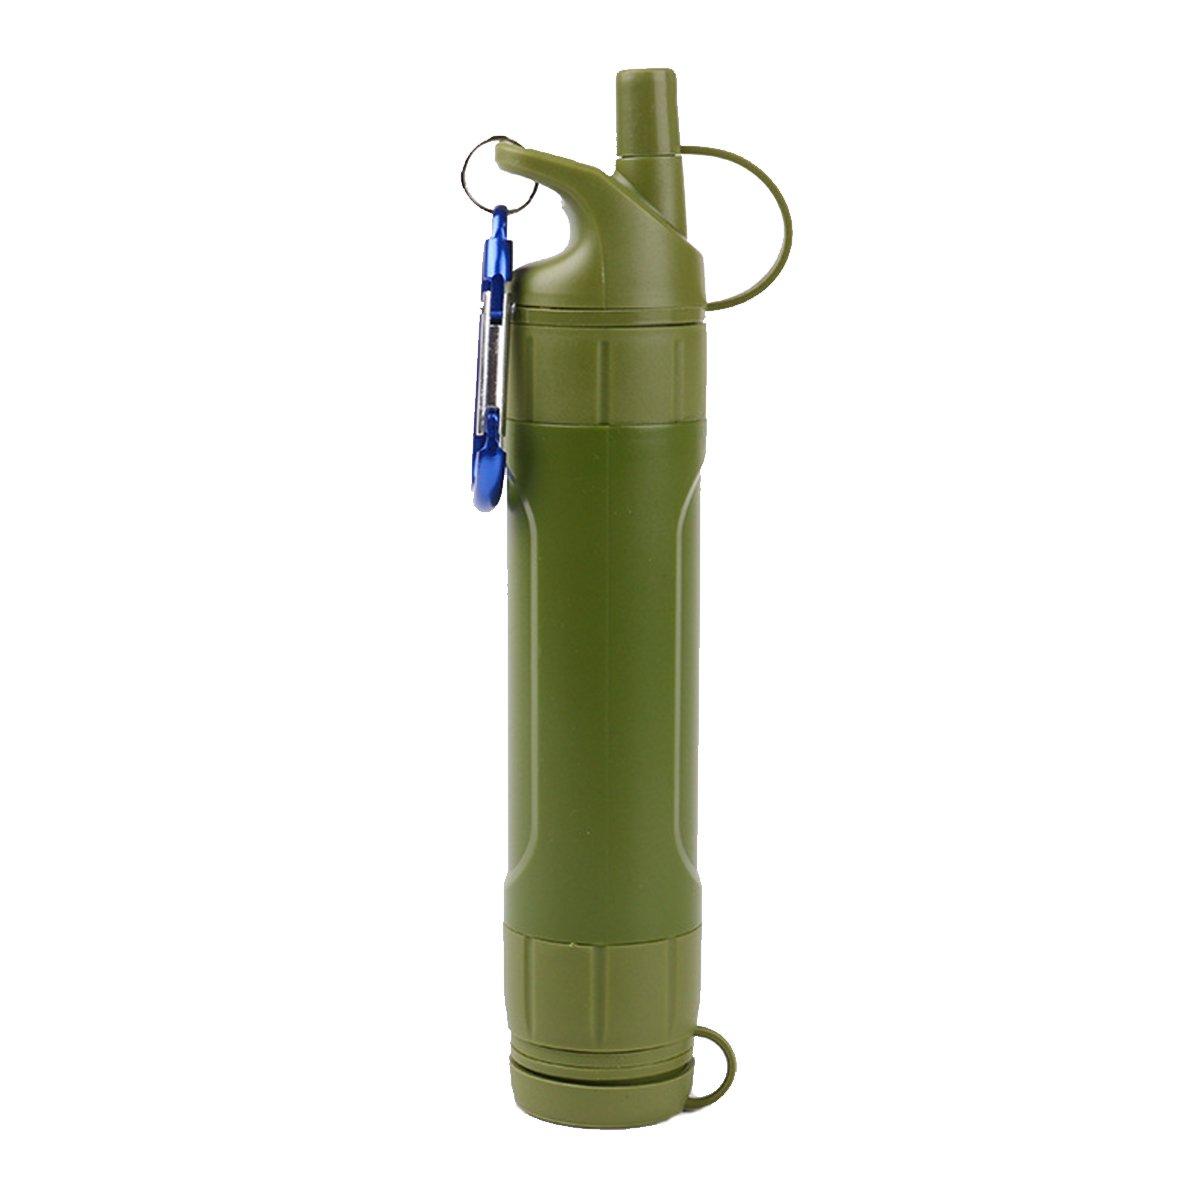 AUVSTAR - Filtro de agua personal, 2000 L, purificació n de agua portá til, mini sistema de filtració n de agua, pajita al aire libre, kit de filtració n de agua de supervivencia 0,01 micrones de emergencia para acampada, sender